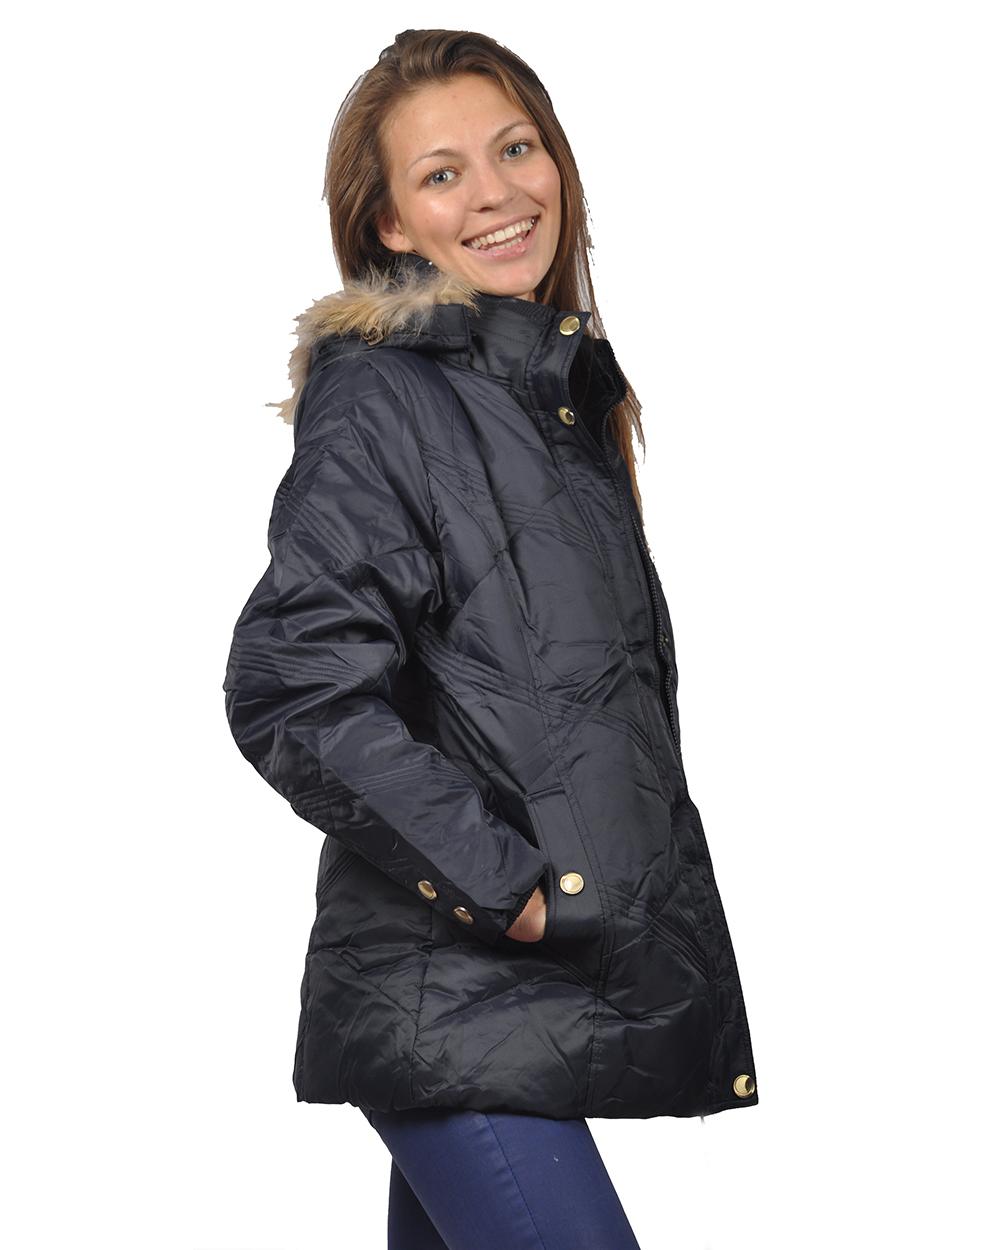 Купить Куртку Зимнюю Женскую В Ижевске